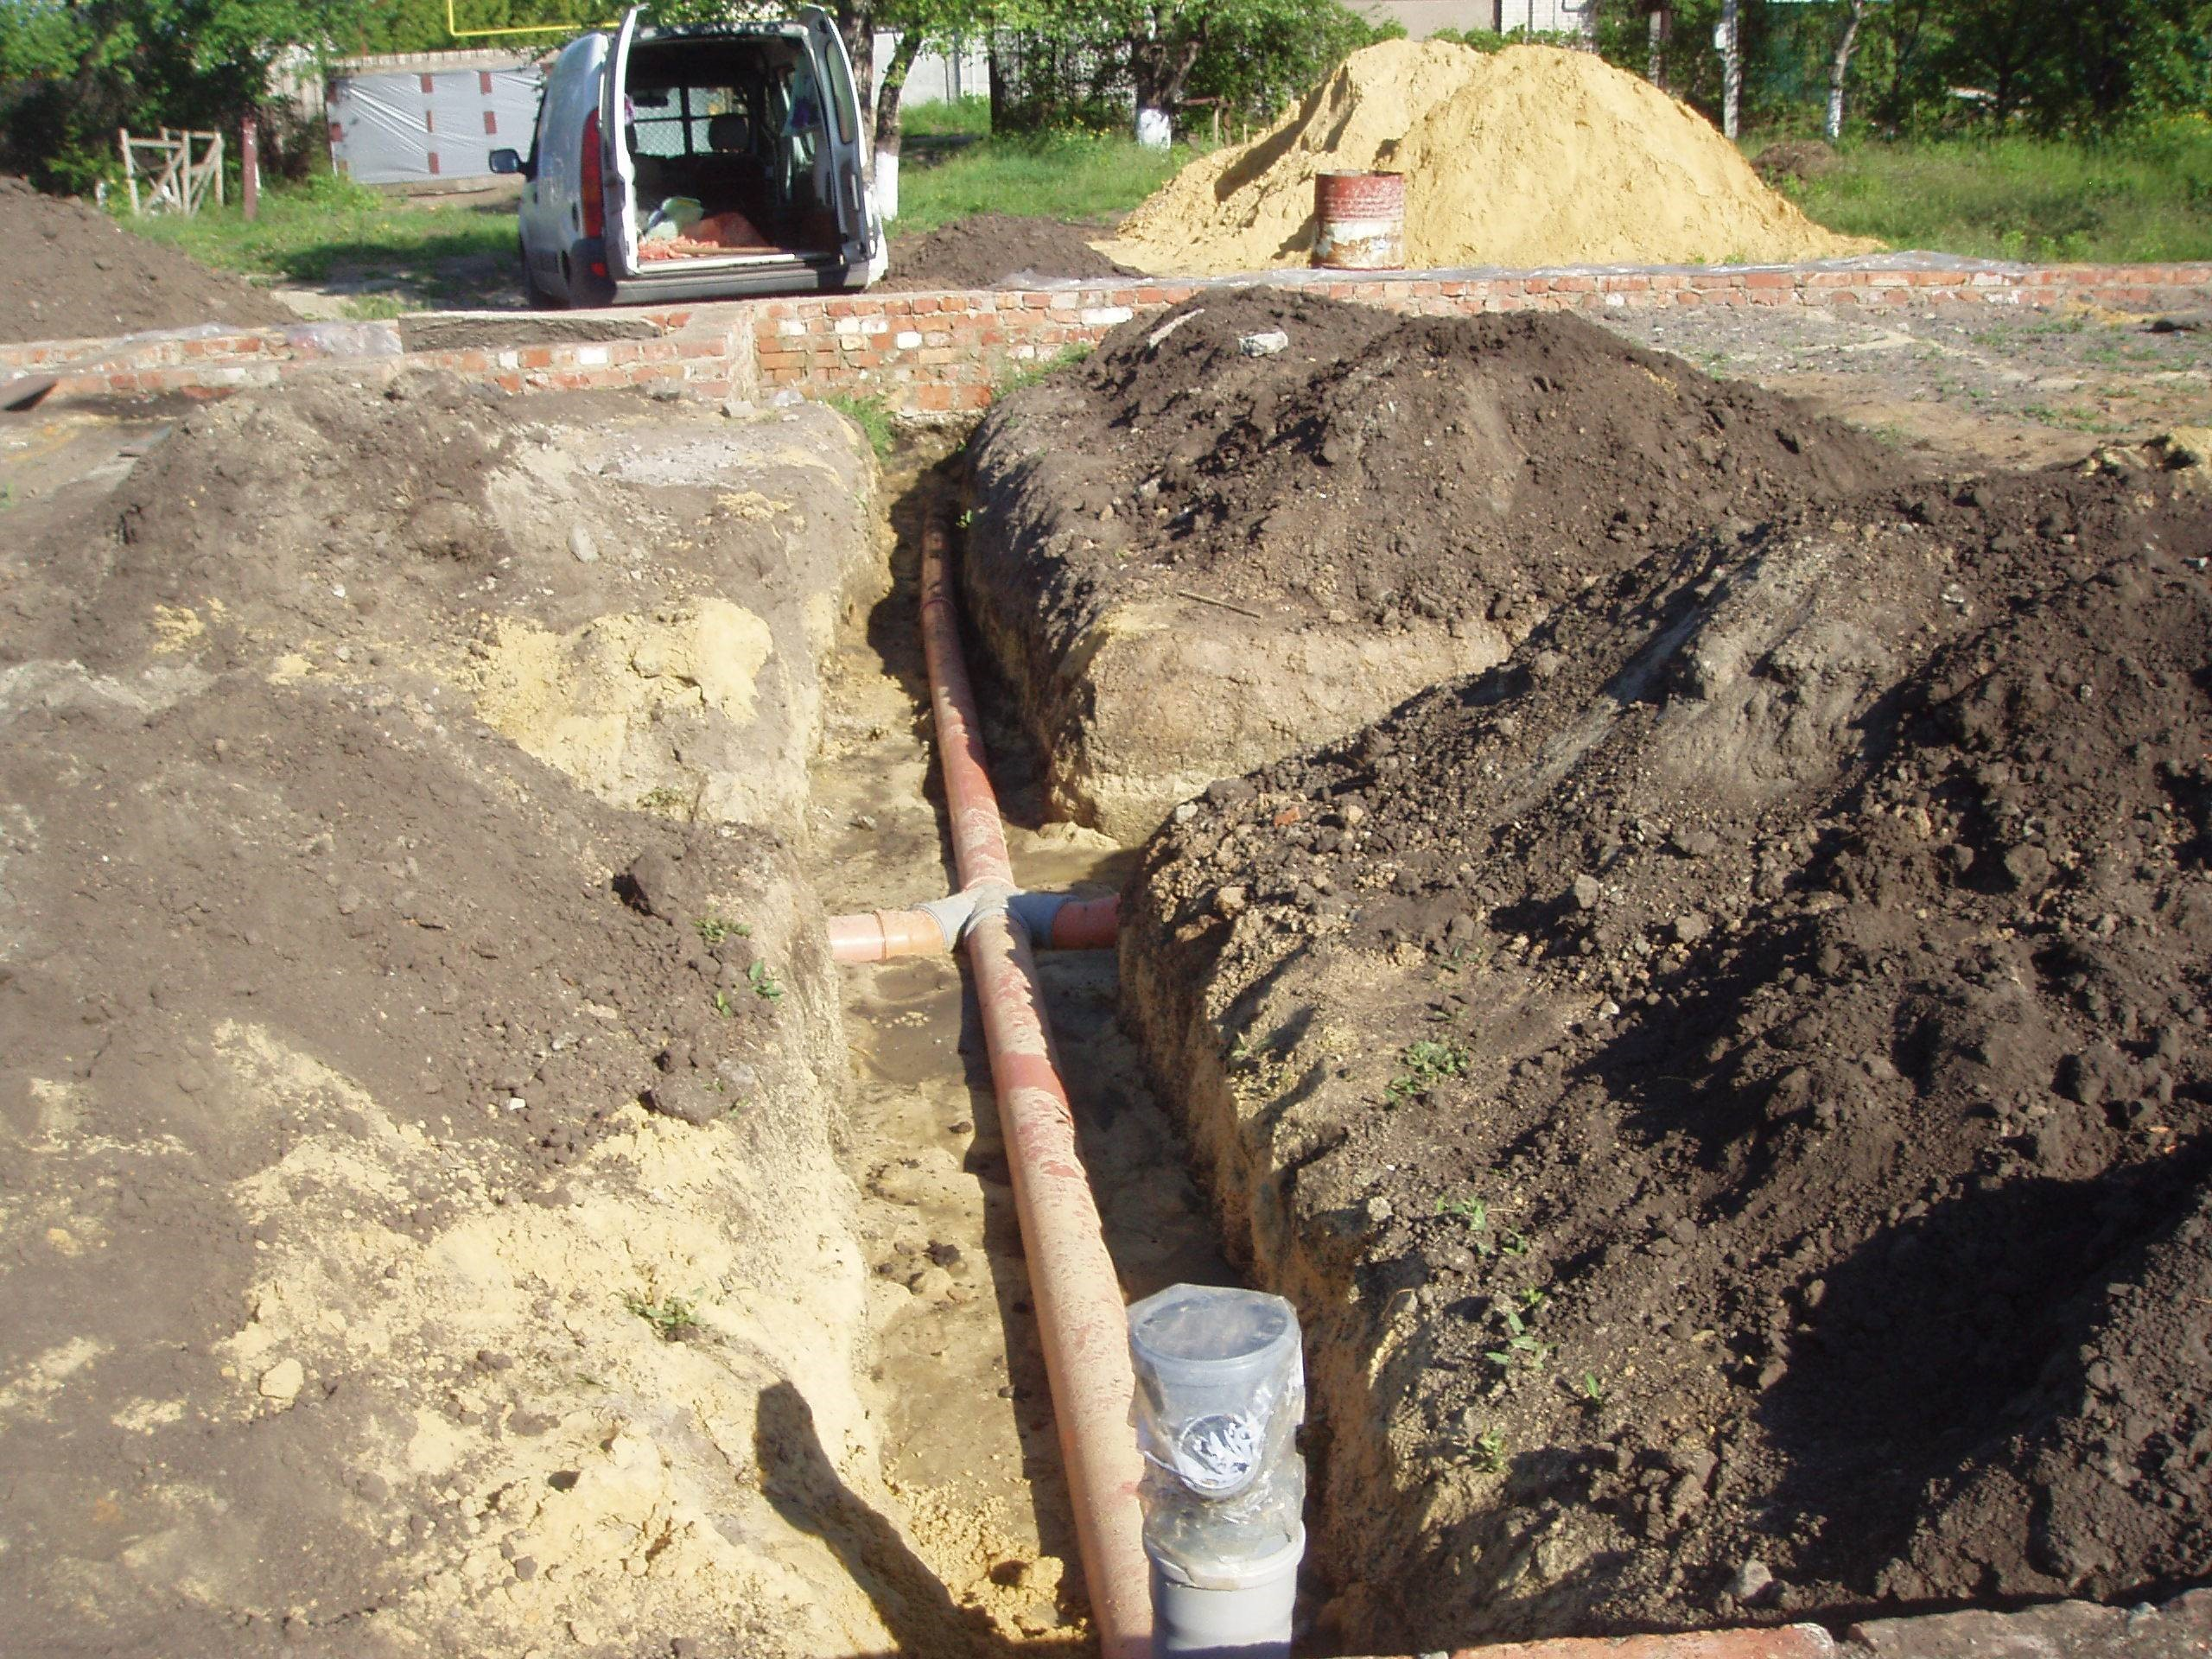 Необходимо выкопать специальную траншею для труб